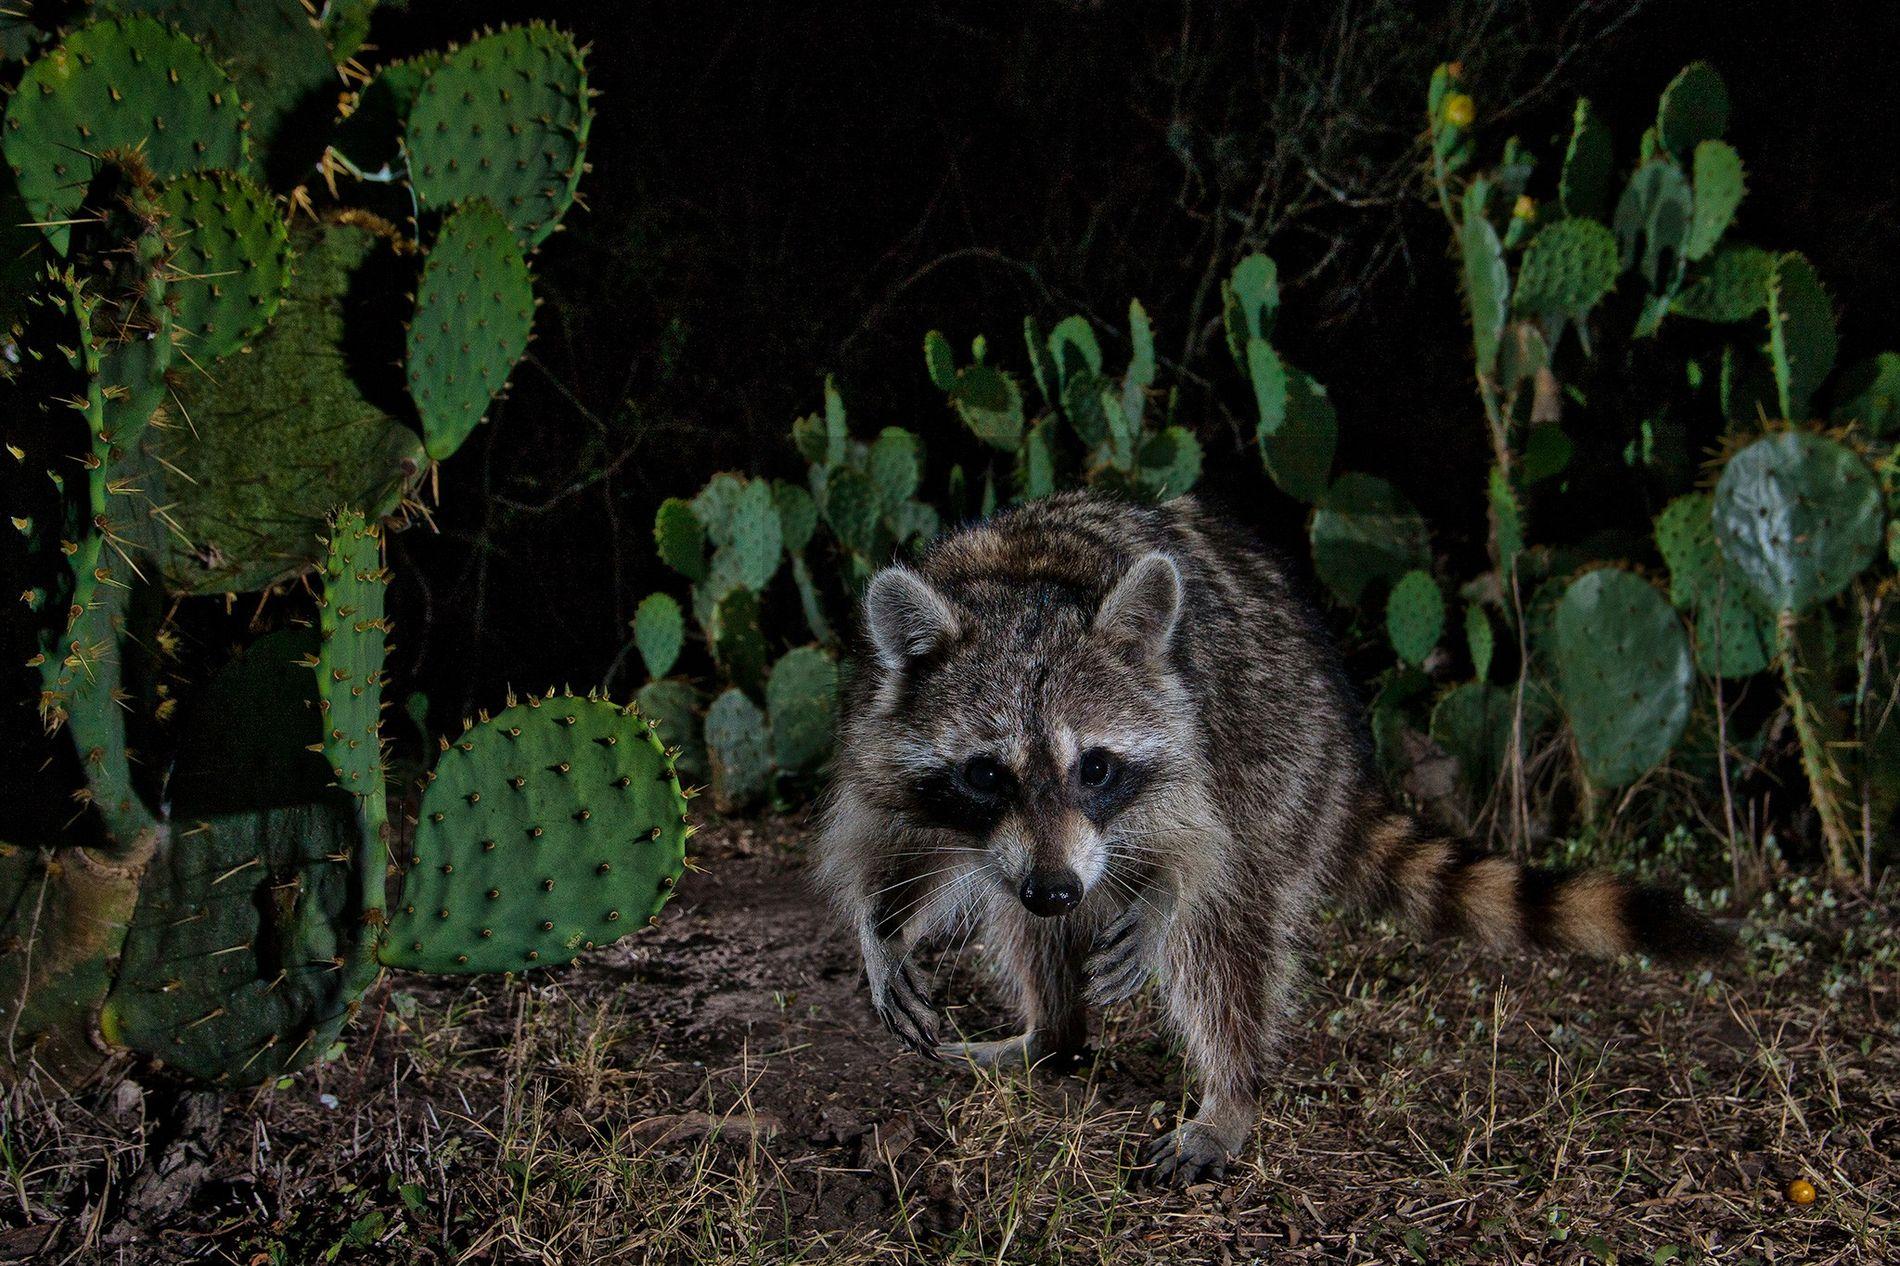 Os guaxinins podem sobreviver em diversos habitats, como ambientes com figueiras-da-índia-engelmann no Texas (vistas aqui), coníferas ...